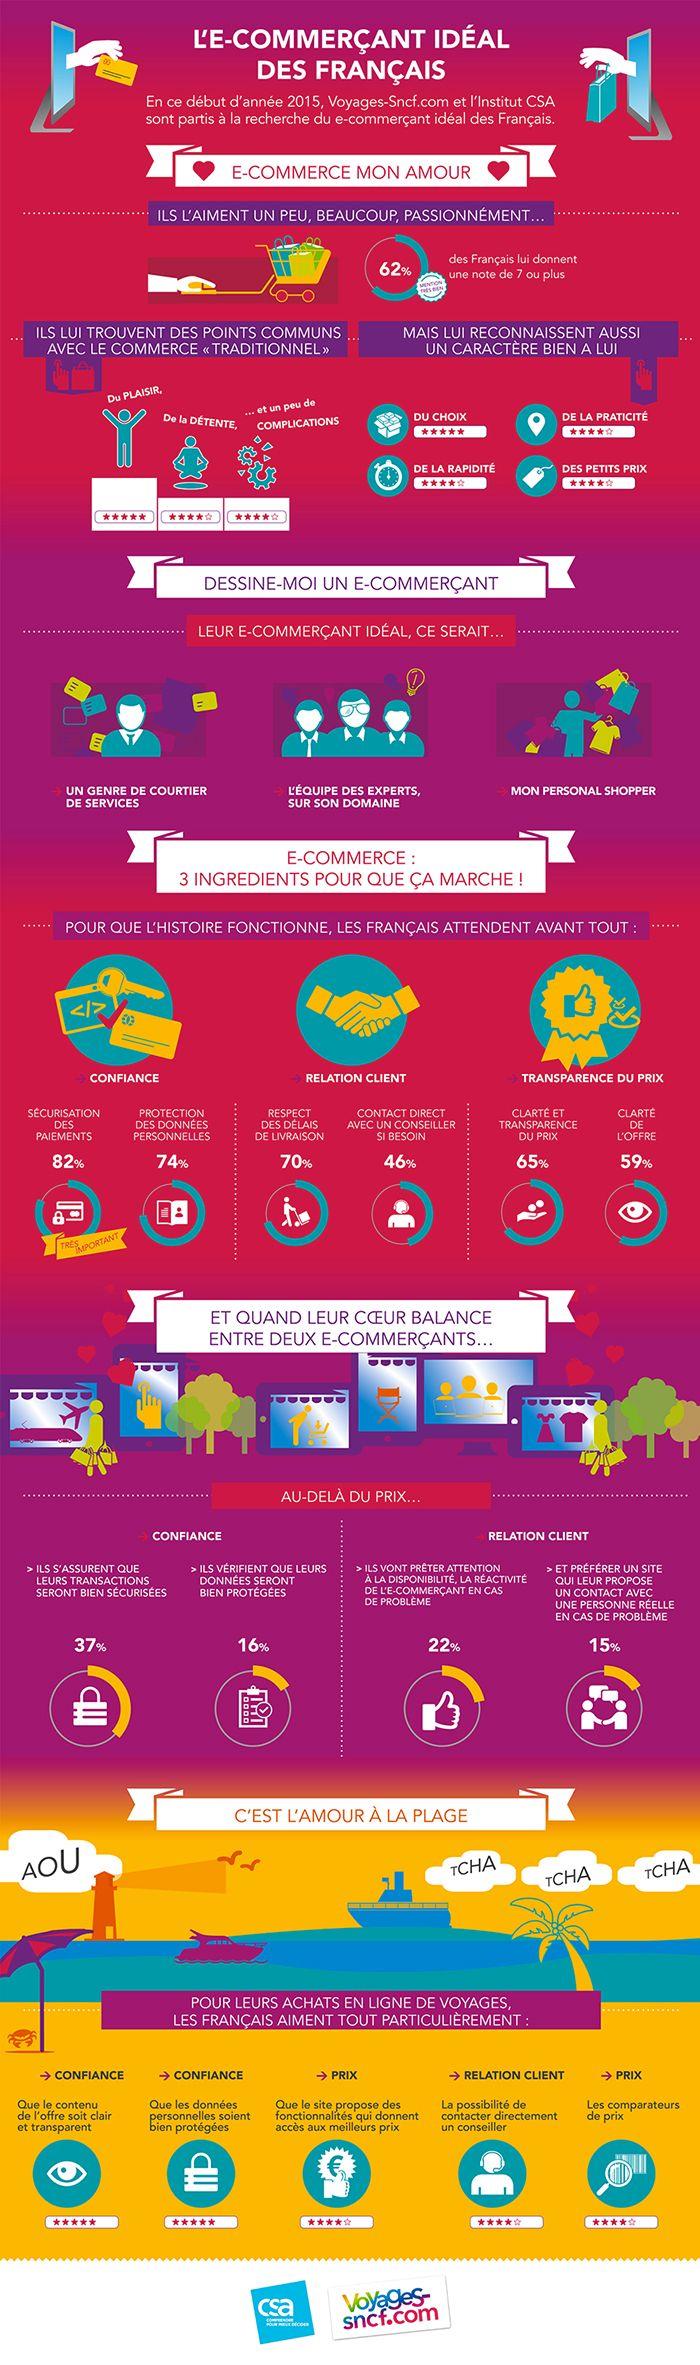 e-commerçant-idéal-des-français-infographie.jpg (700×2365)